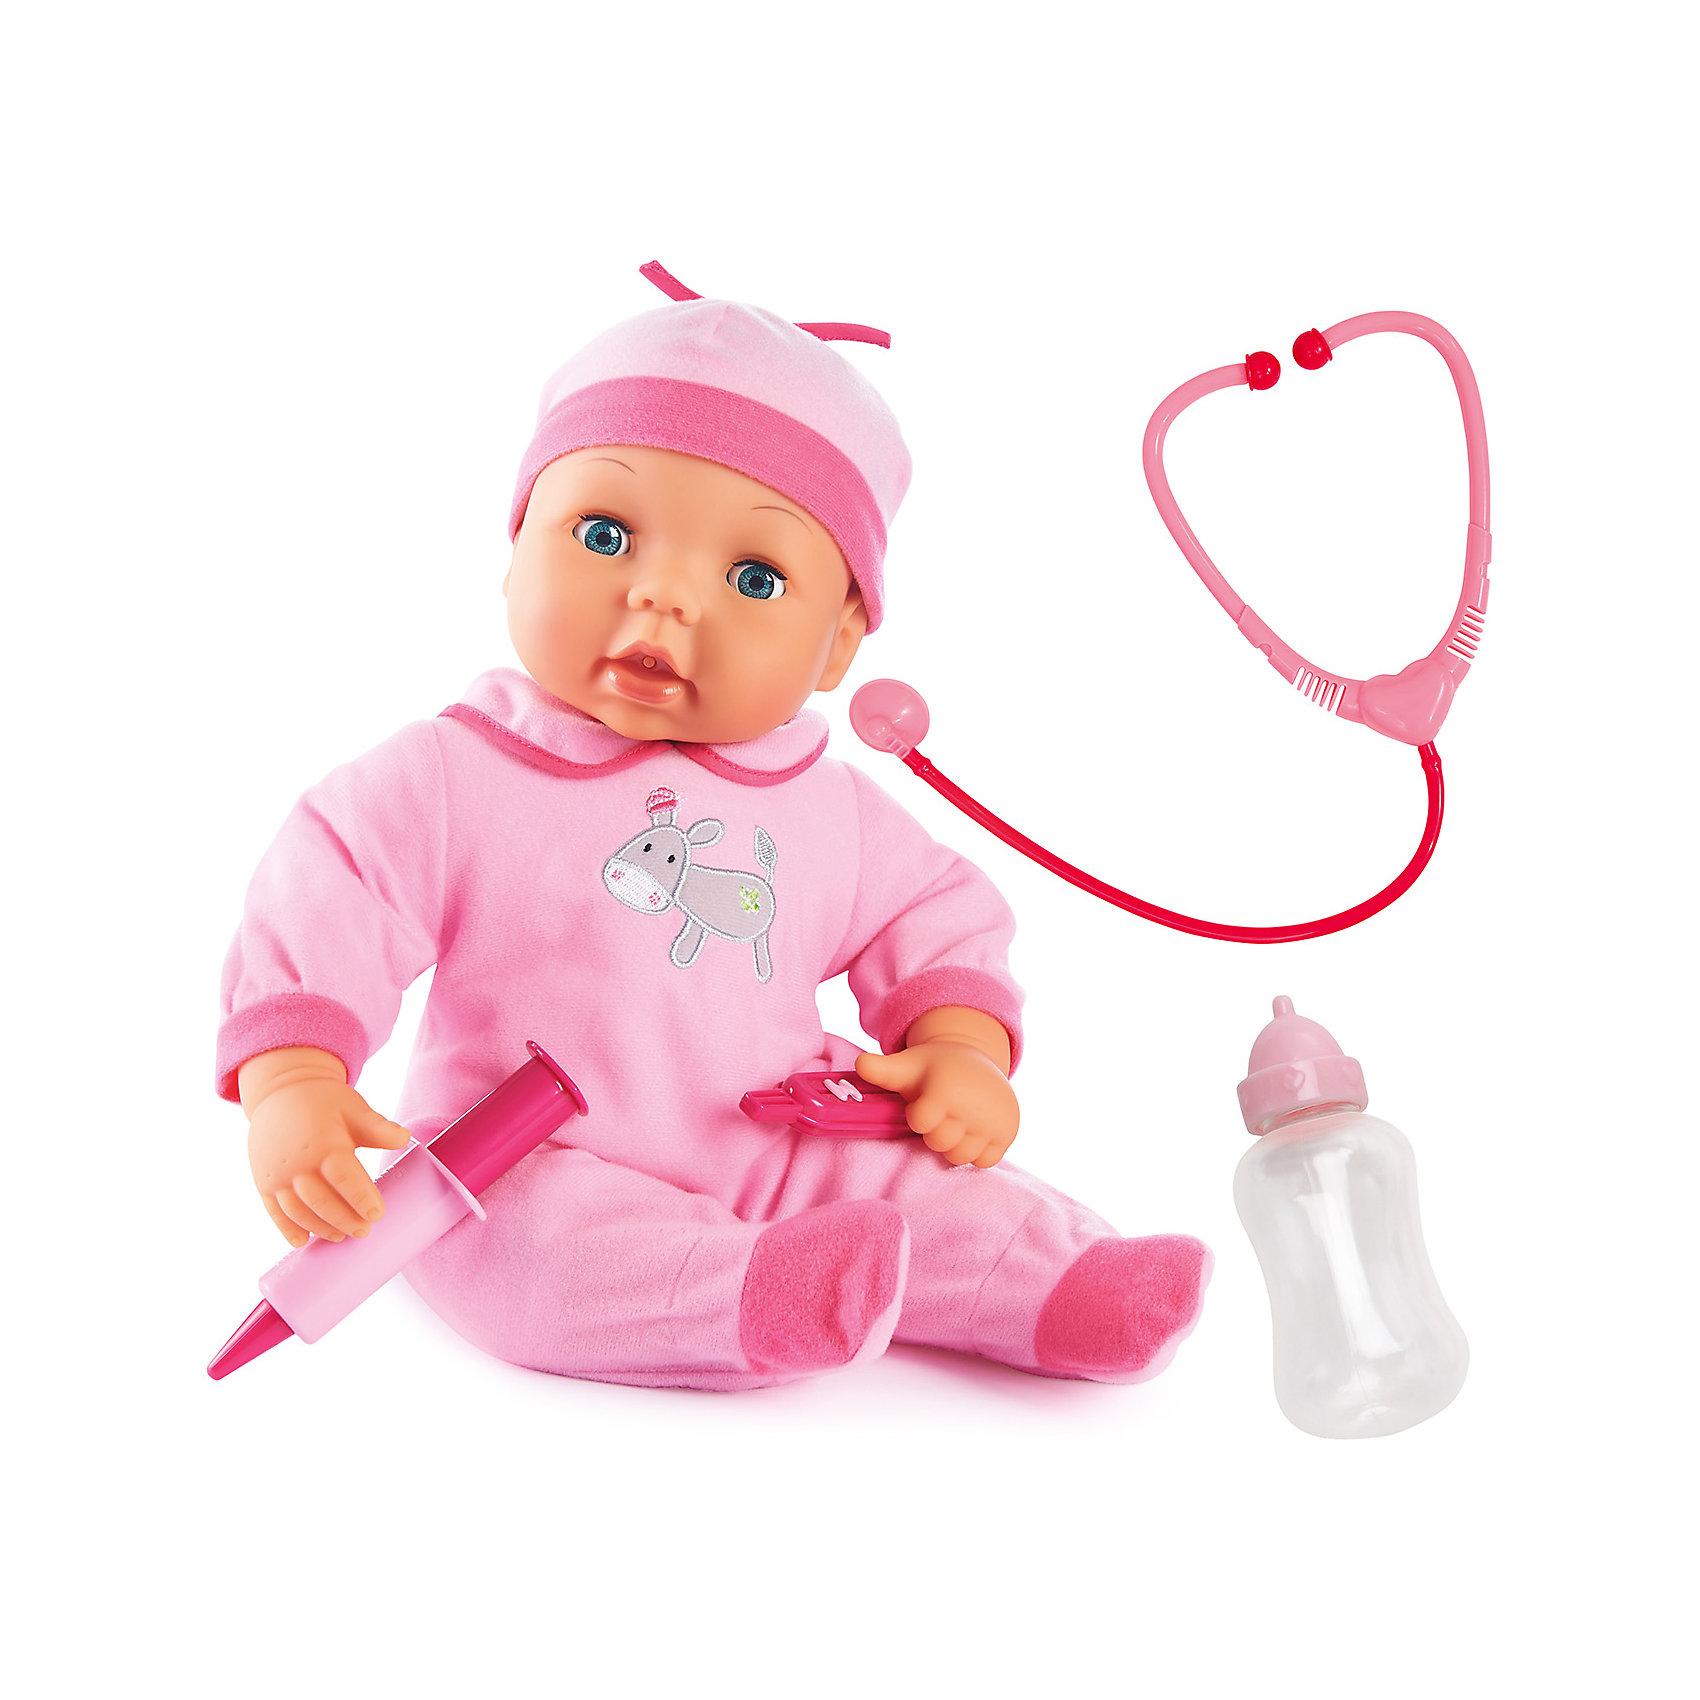 Игровой набор Малыш у Доктора 38 смБренды кукол<br>Игровой набор Малыш у доктора от бренда Bayer(Байер) непременно порадует вашего ребенка. У куклы покраснели щечки? Это значит, что поднялась температура и нужно срочно сделать укол. Стетоскопом можно послушать как бьется сердечко малышки, а бутылочкой - покормить. При этом малышка будет издавать очень реалистичные звуки. Кукла одета в розовый комбинезон и шапочку.<br><br>Дополнительная информация:<br>В комплекте: кукла, стетоскоп, шприц, градусник<br>Высота: 38 см<br>Вес: 900 грамм<br>Материал: пластик, текстиль<br><br>Приобрести игровой набор Малыш у доктора Bayer(Байер) можно в нашем интернет-магазине.<br><br>Ширина мм: 365<br>Глубина мм: 302<br>Высота мм: 134<br>Вес г: 930<br>Возраст от месяцев: 24<br>Возраст до месяцев: 60<br>Пол: Женский<br>Возраст: Детский<br>SKU: 3195669